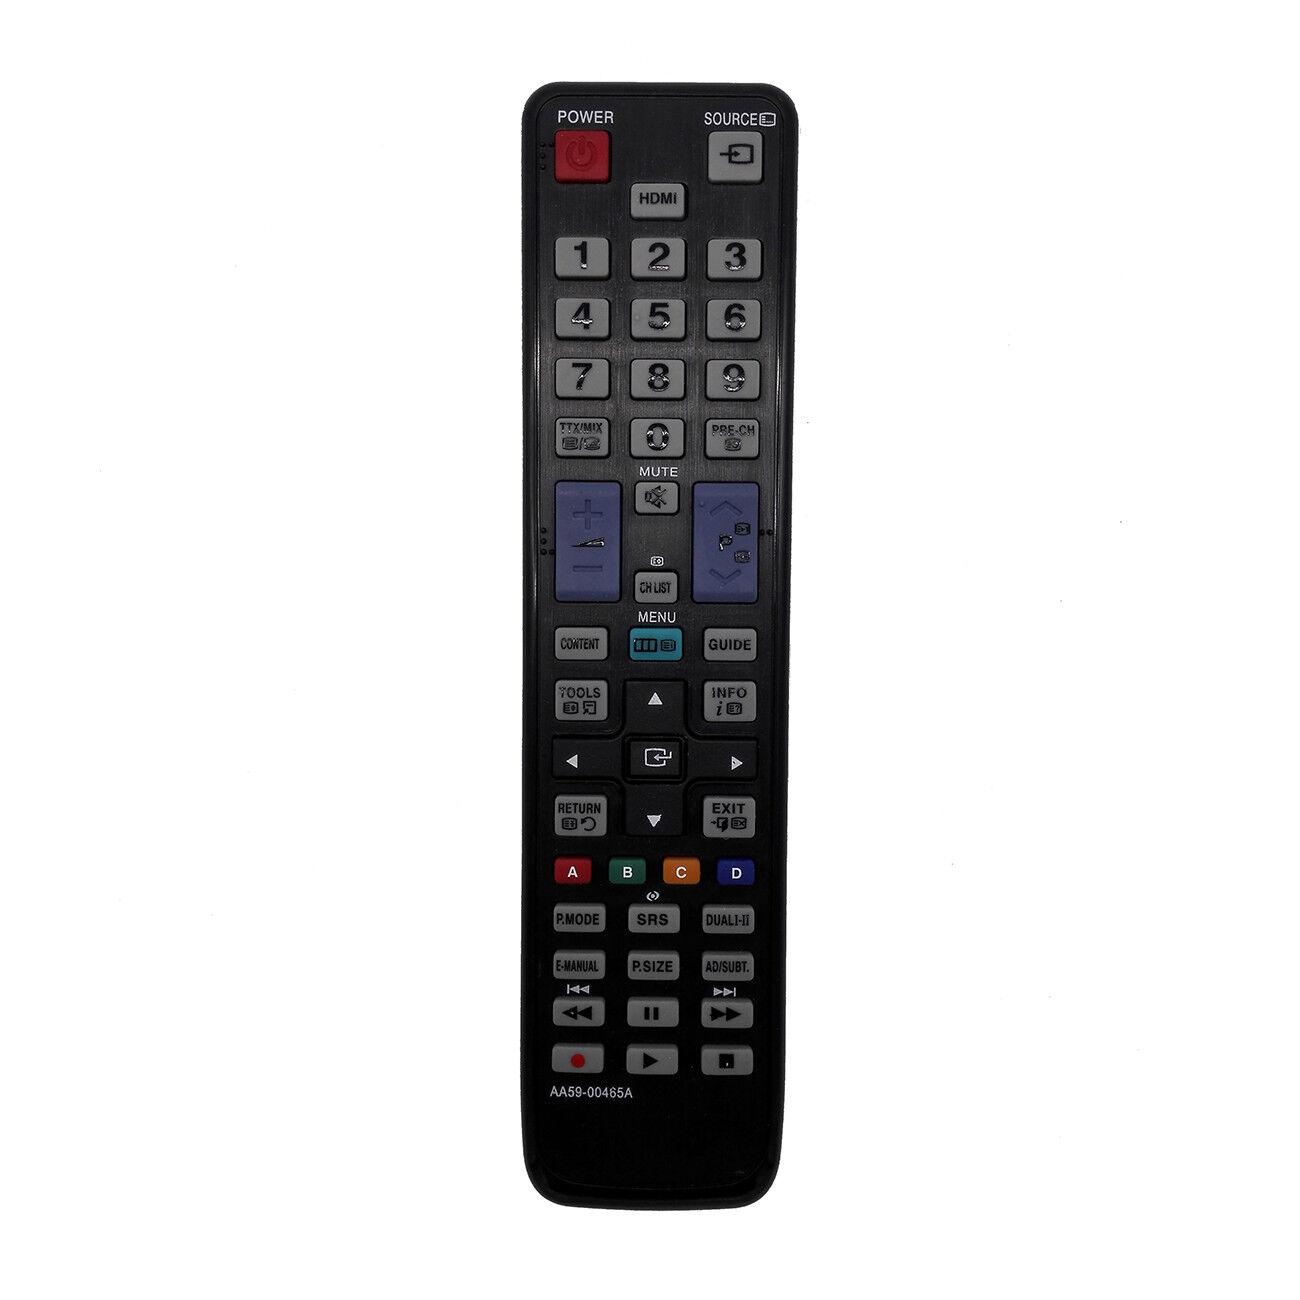 Nuevo control remoto de repuesto AA59-00465A para Samsung UE37D5000PW UE32D5000